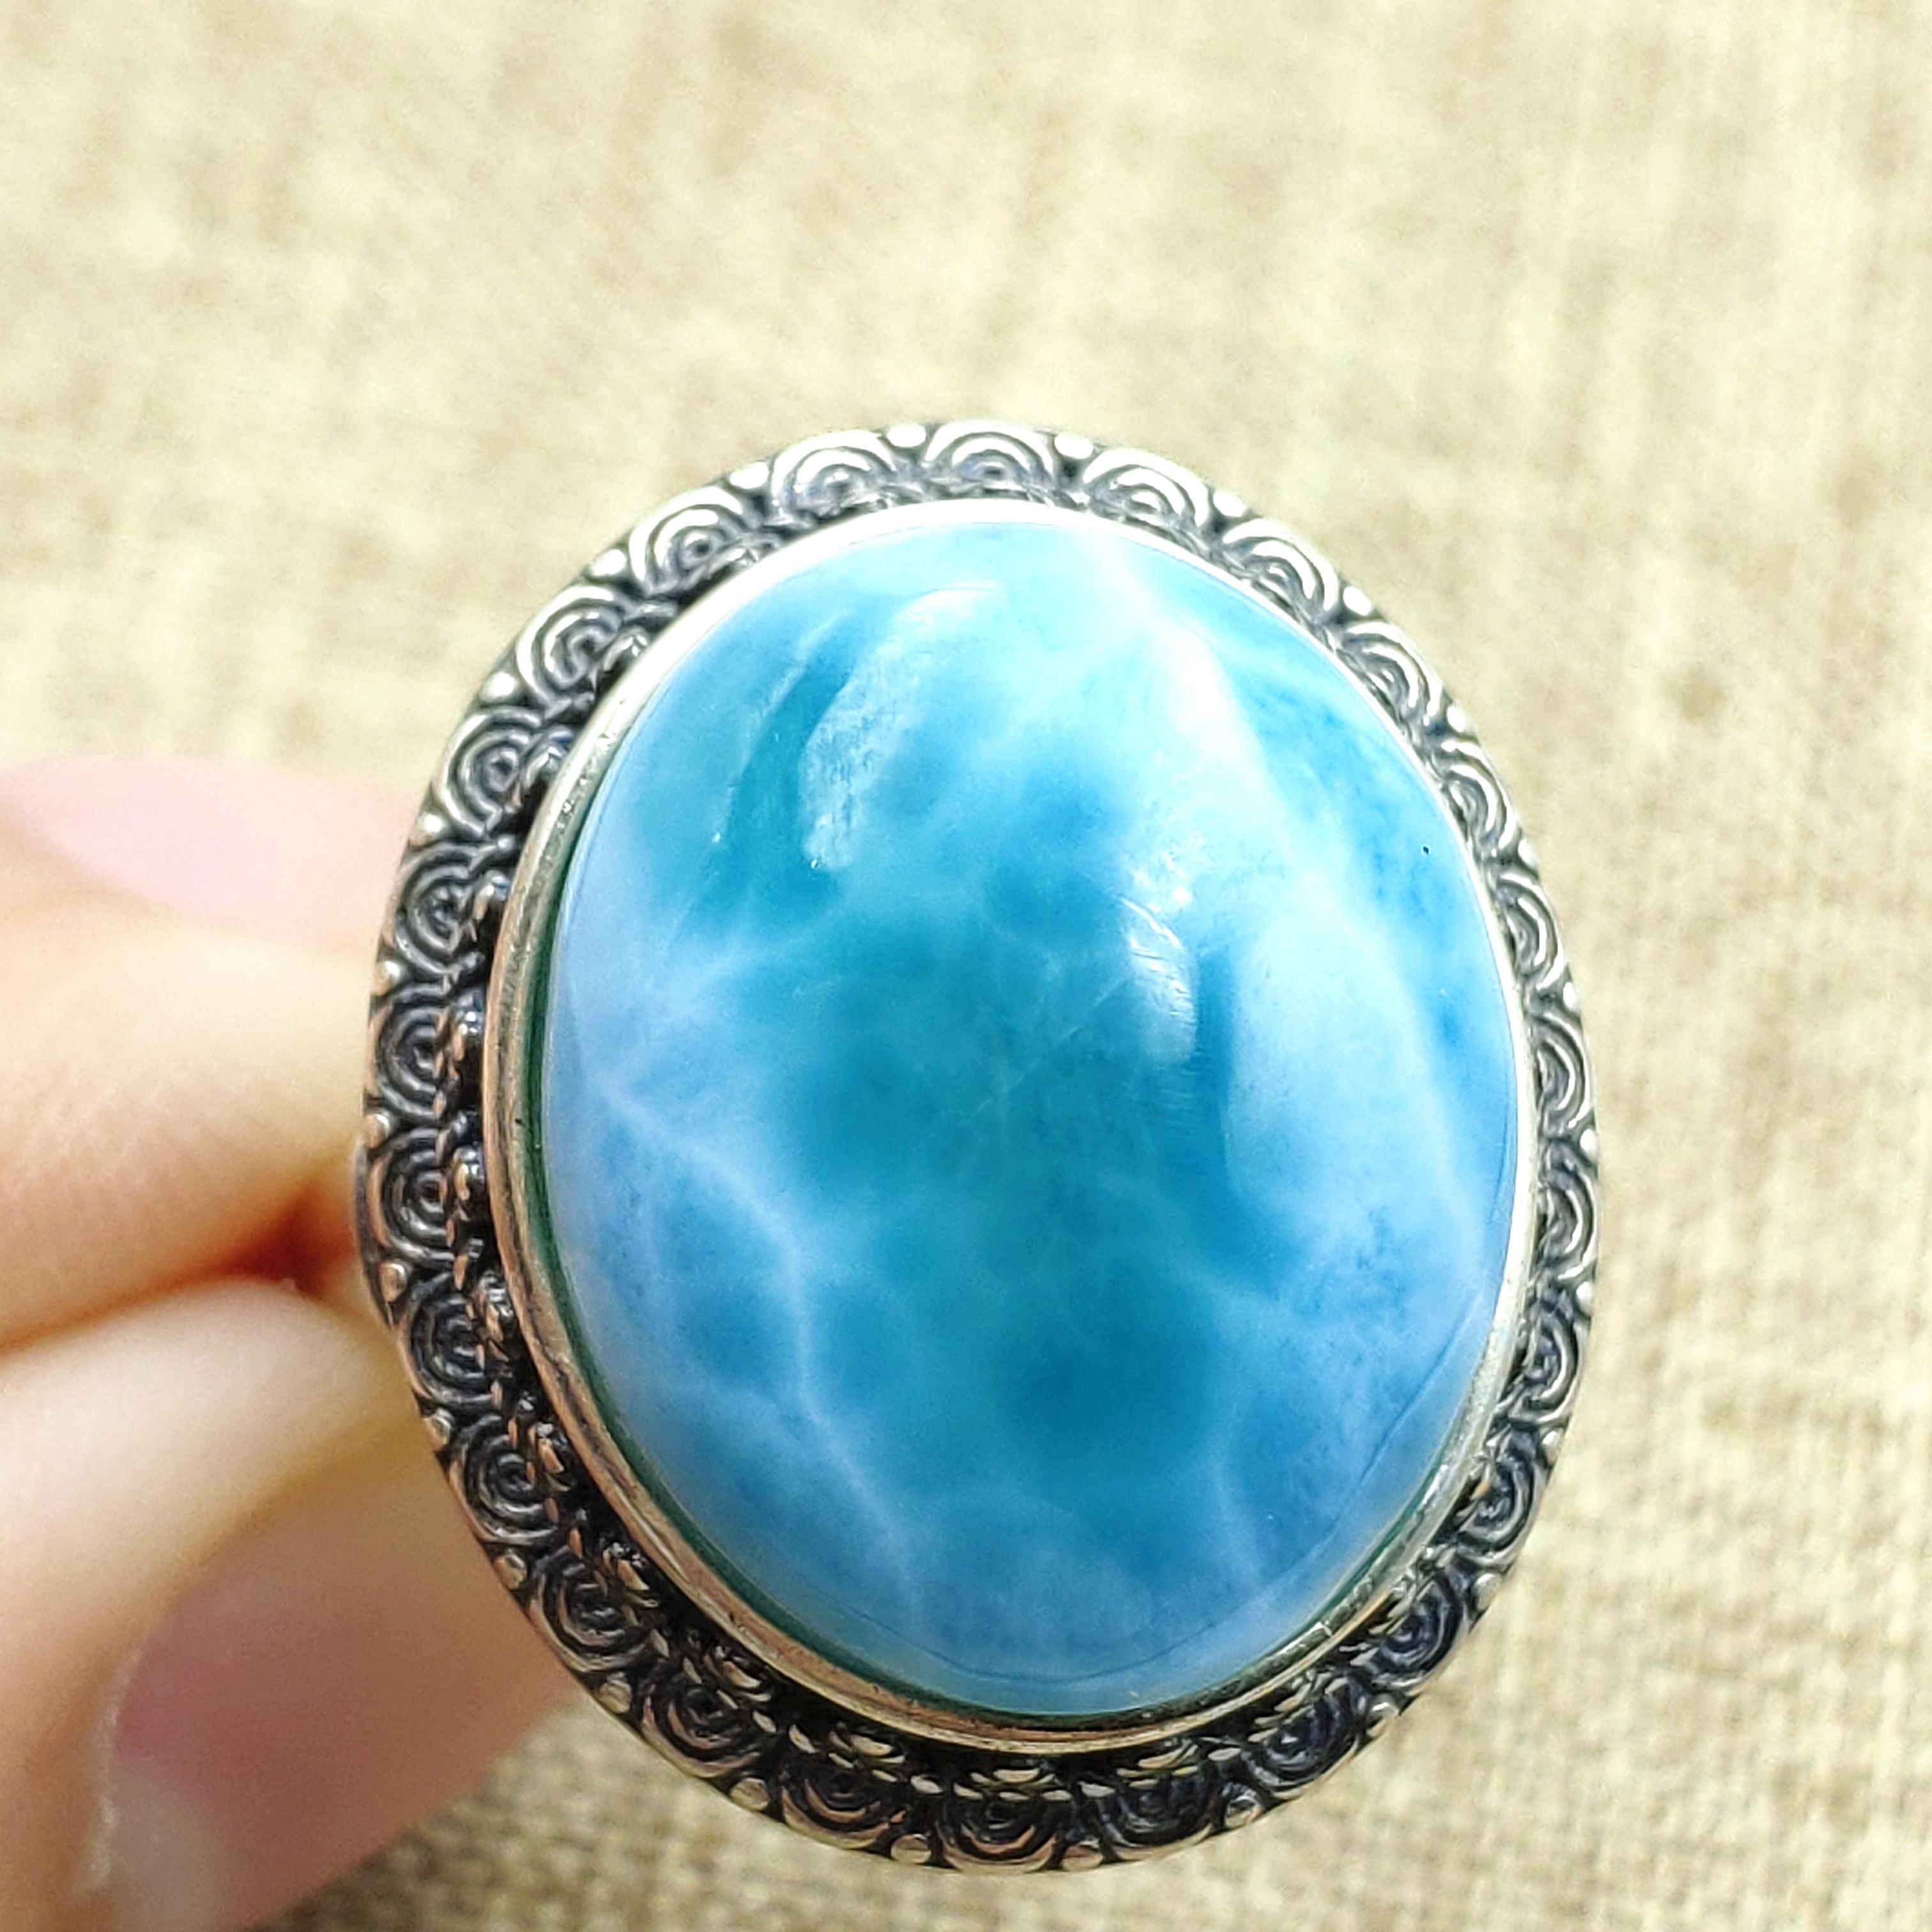 Naturel bleu Larimar pierre réglable anneau 925 en argent Sterling pour les femmes hommes fête amour cadeau 20x17mm luxe cristal anneau AAAAA